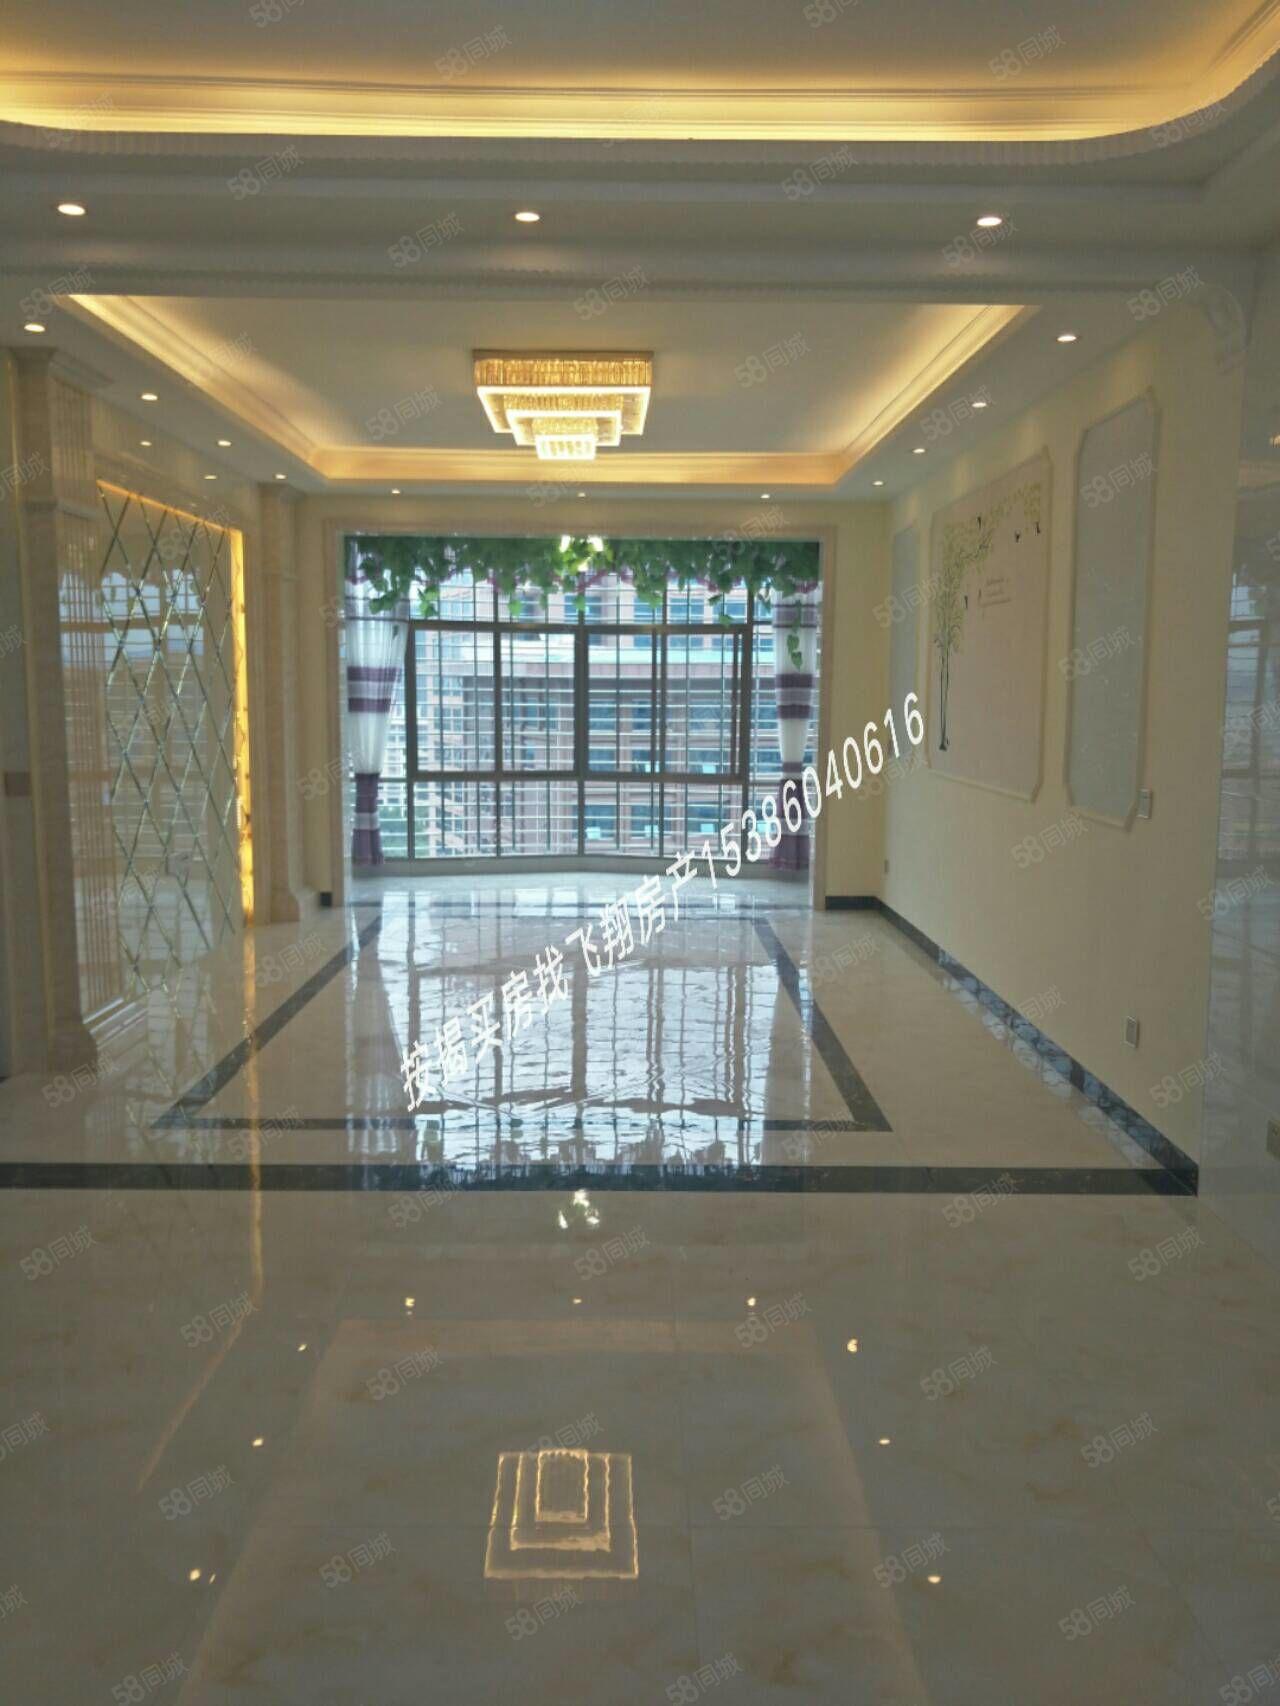 一州宾馆附近电梯12楼,143平方,4室2厅2卫,豪华装修